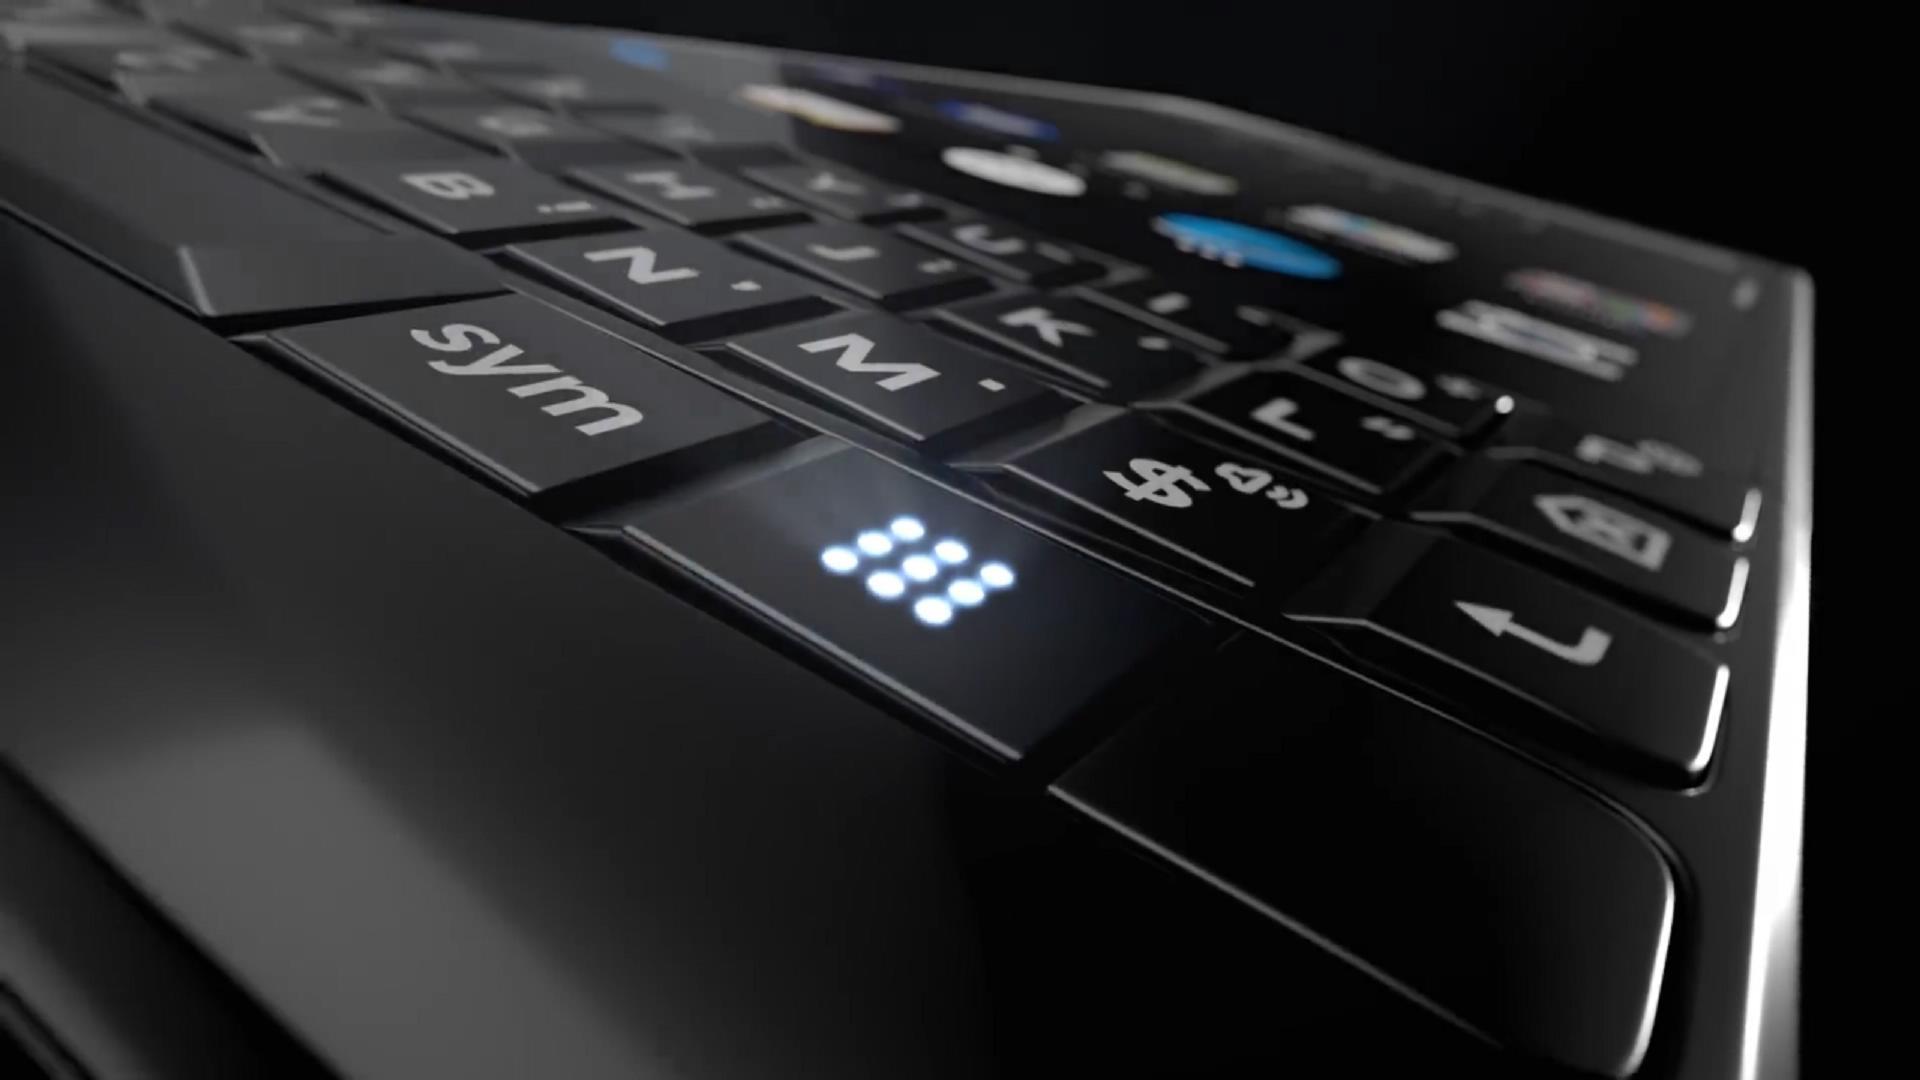 黑莓KEY2键盘图标